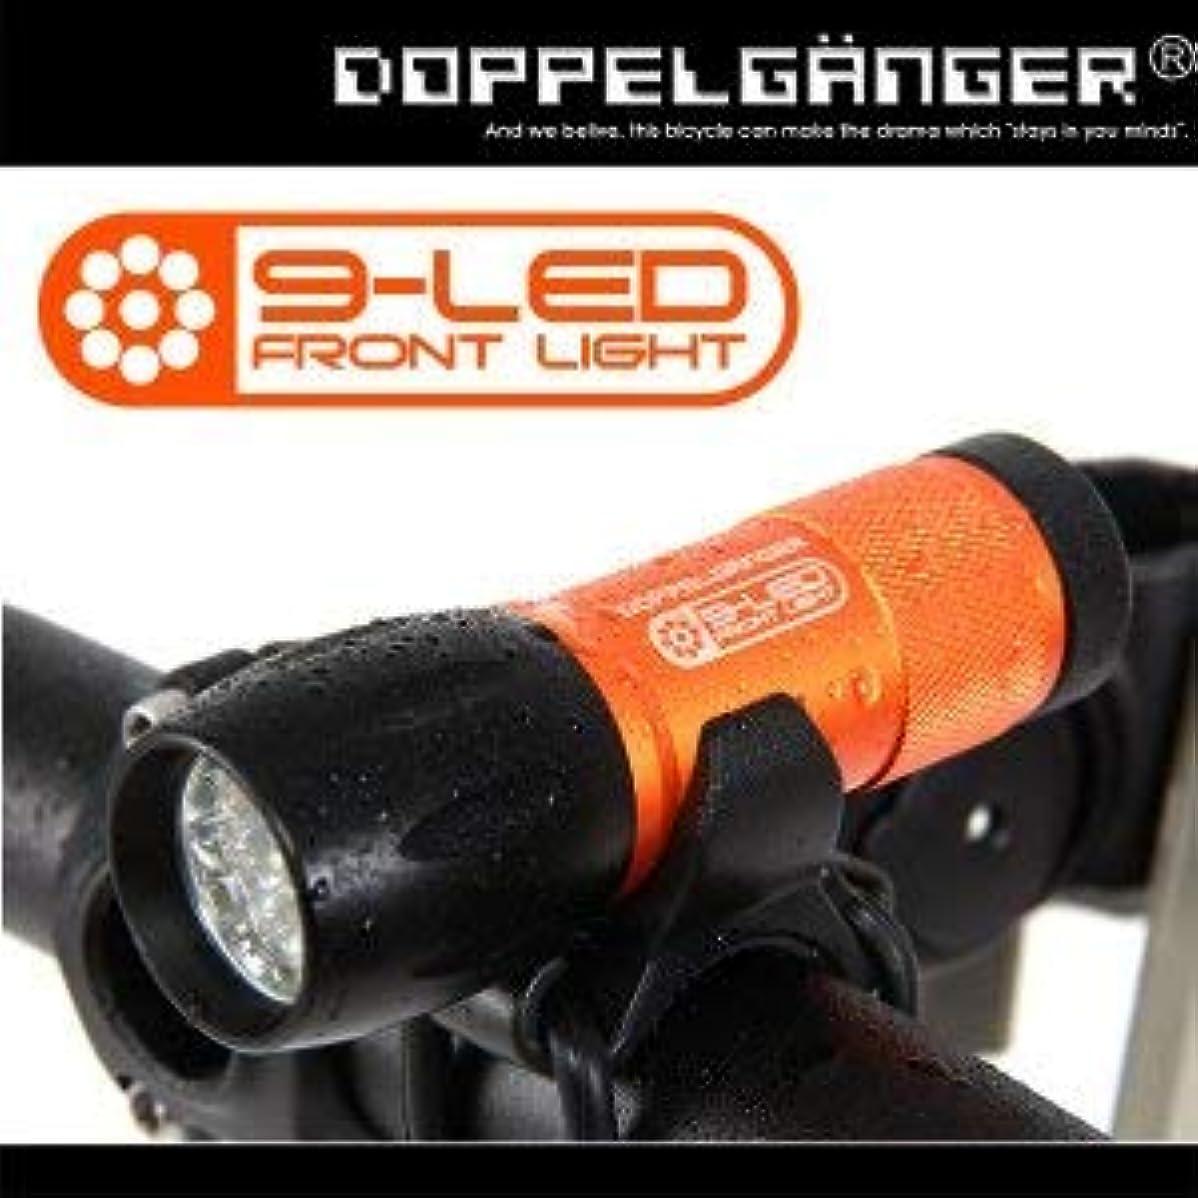 上がる形状気楽なハイパワー LED フロントライト 自転車 防水 ホルダー ブラケット クロスバイク ロードバイク ドッペルギャンガー BSdlf300 ナインテイルドフォックス